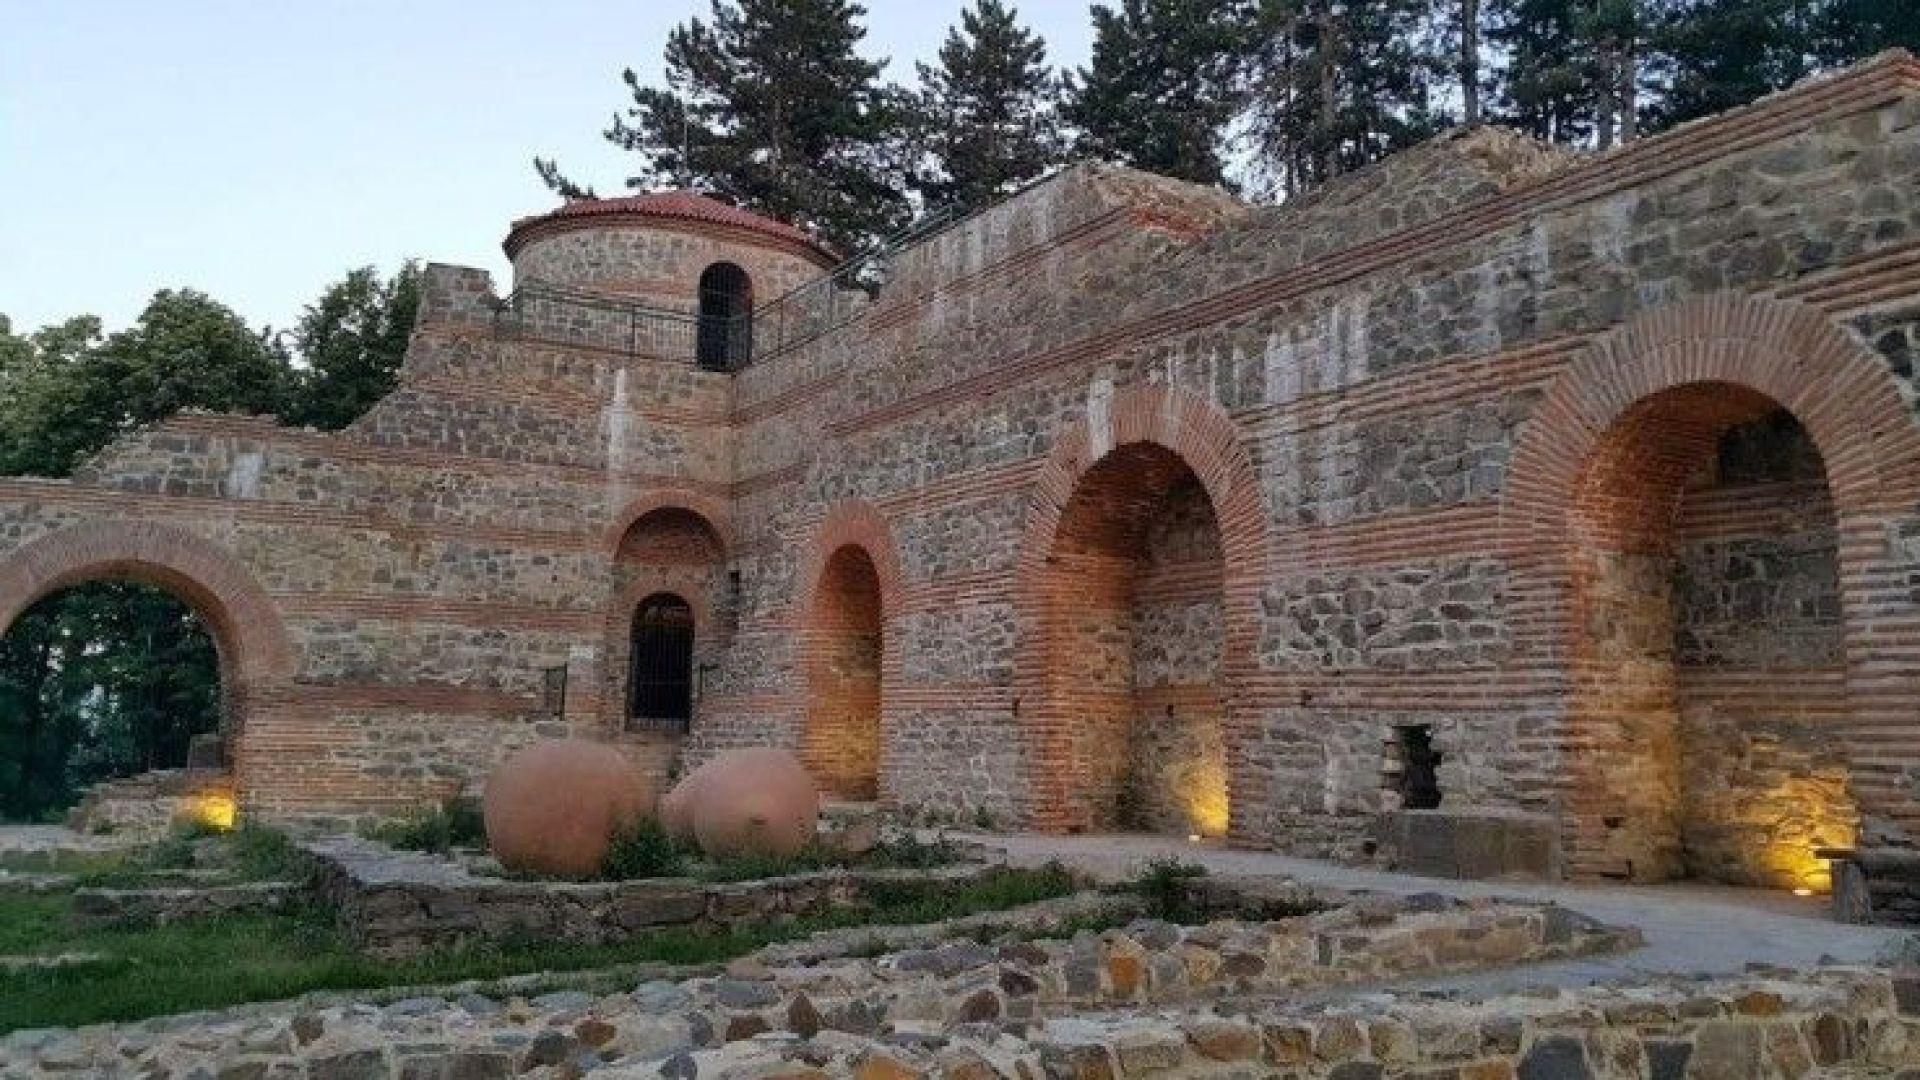 Влогър от Молдова хвали Кюстендил като туристическа дестинация